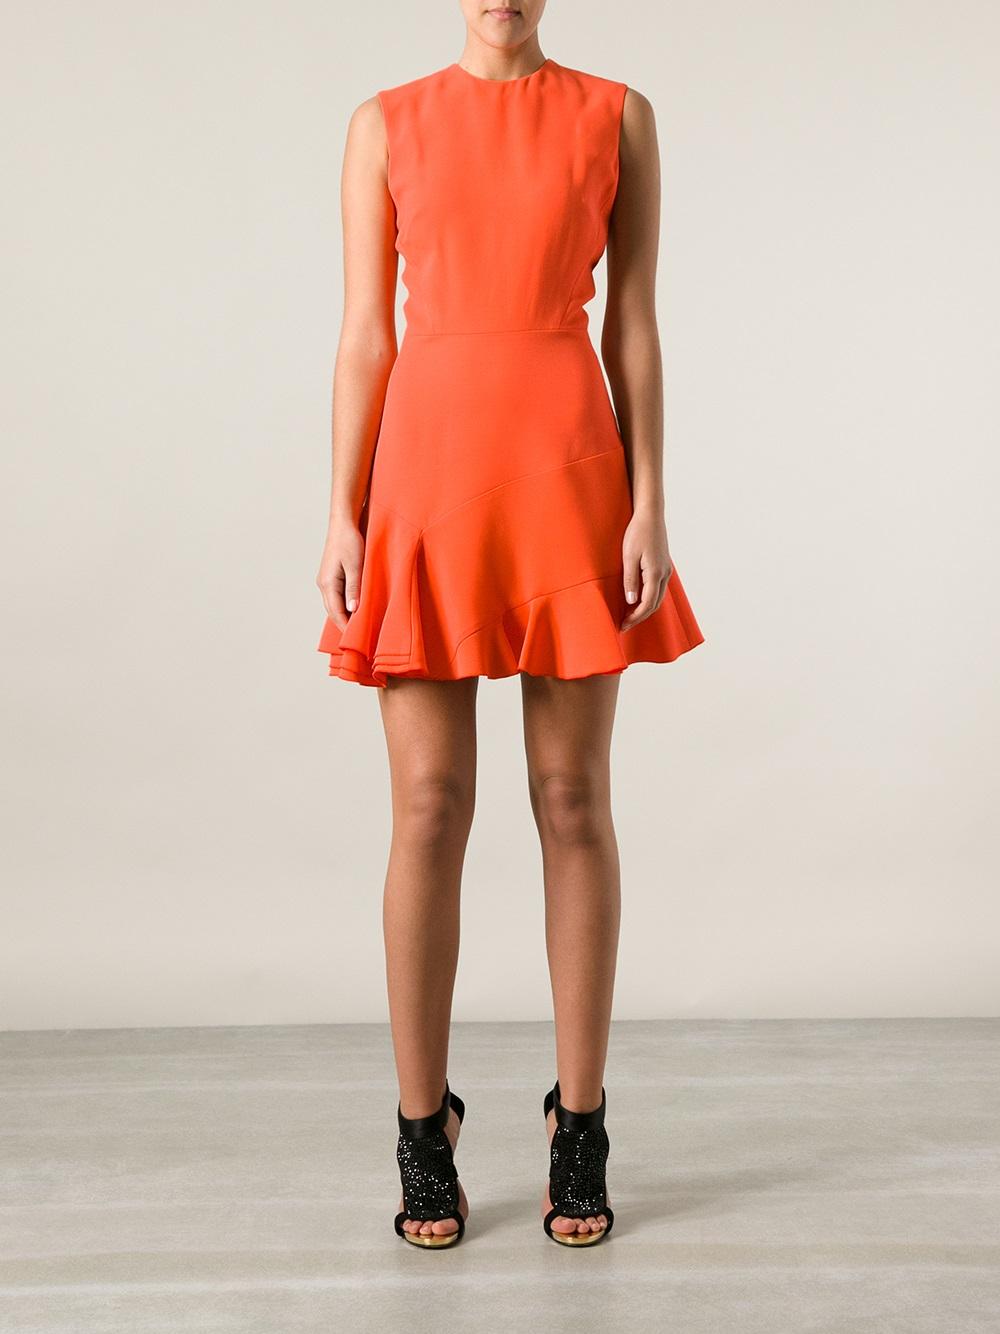 Lyst Victoria Beckham Flared Hem Short Dress In Orange